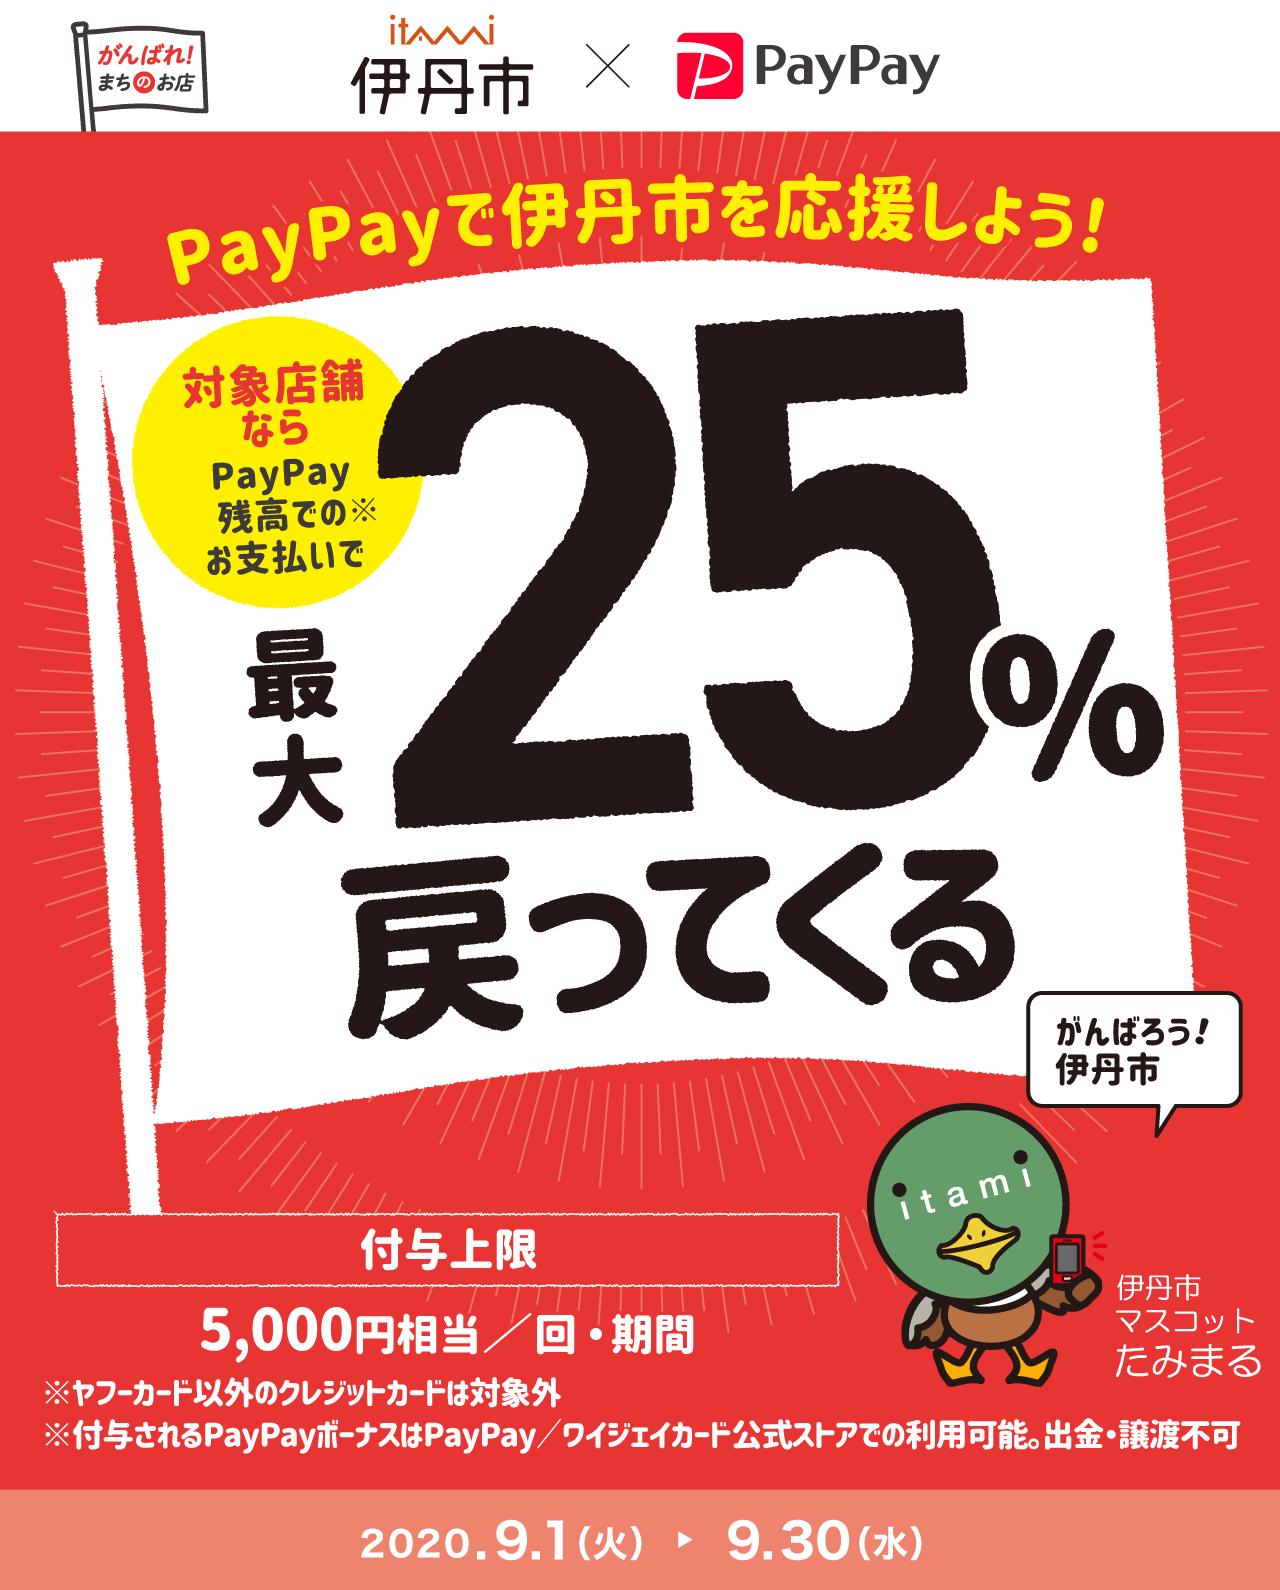 PayPayで伊丹市を応援しよう! 対象店舗ならPayPay残高でのお支払いで最大25%戻ってくる